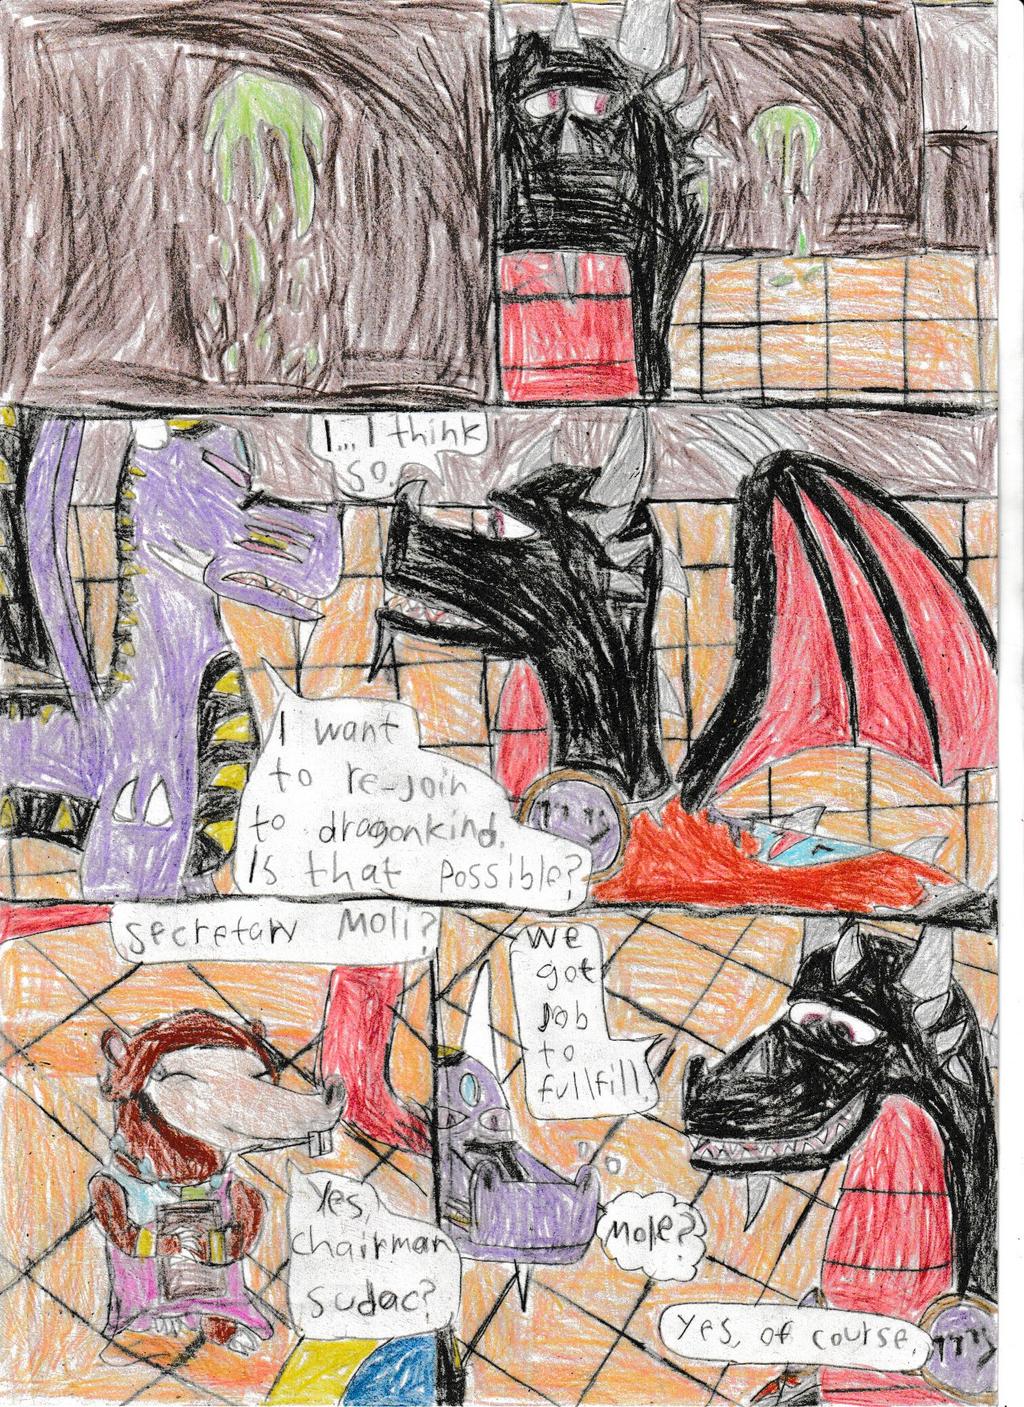 Legend of dragon: Great guilt:Pg 12